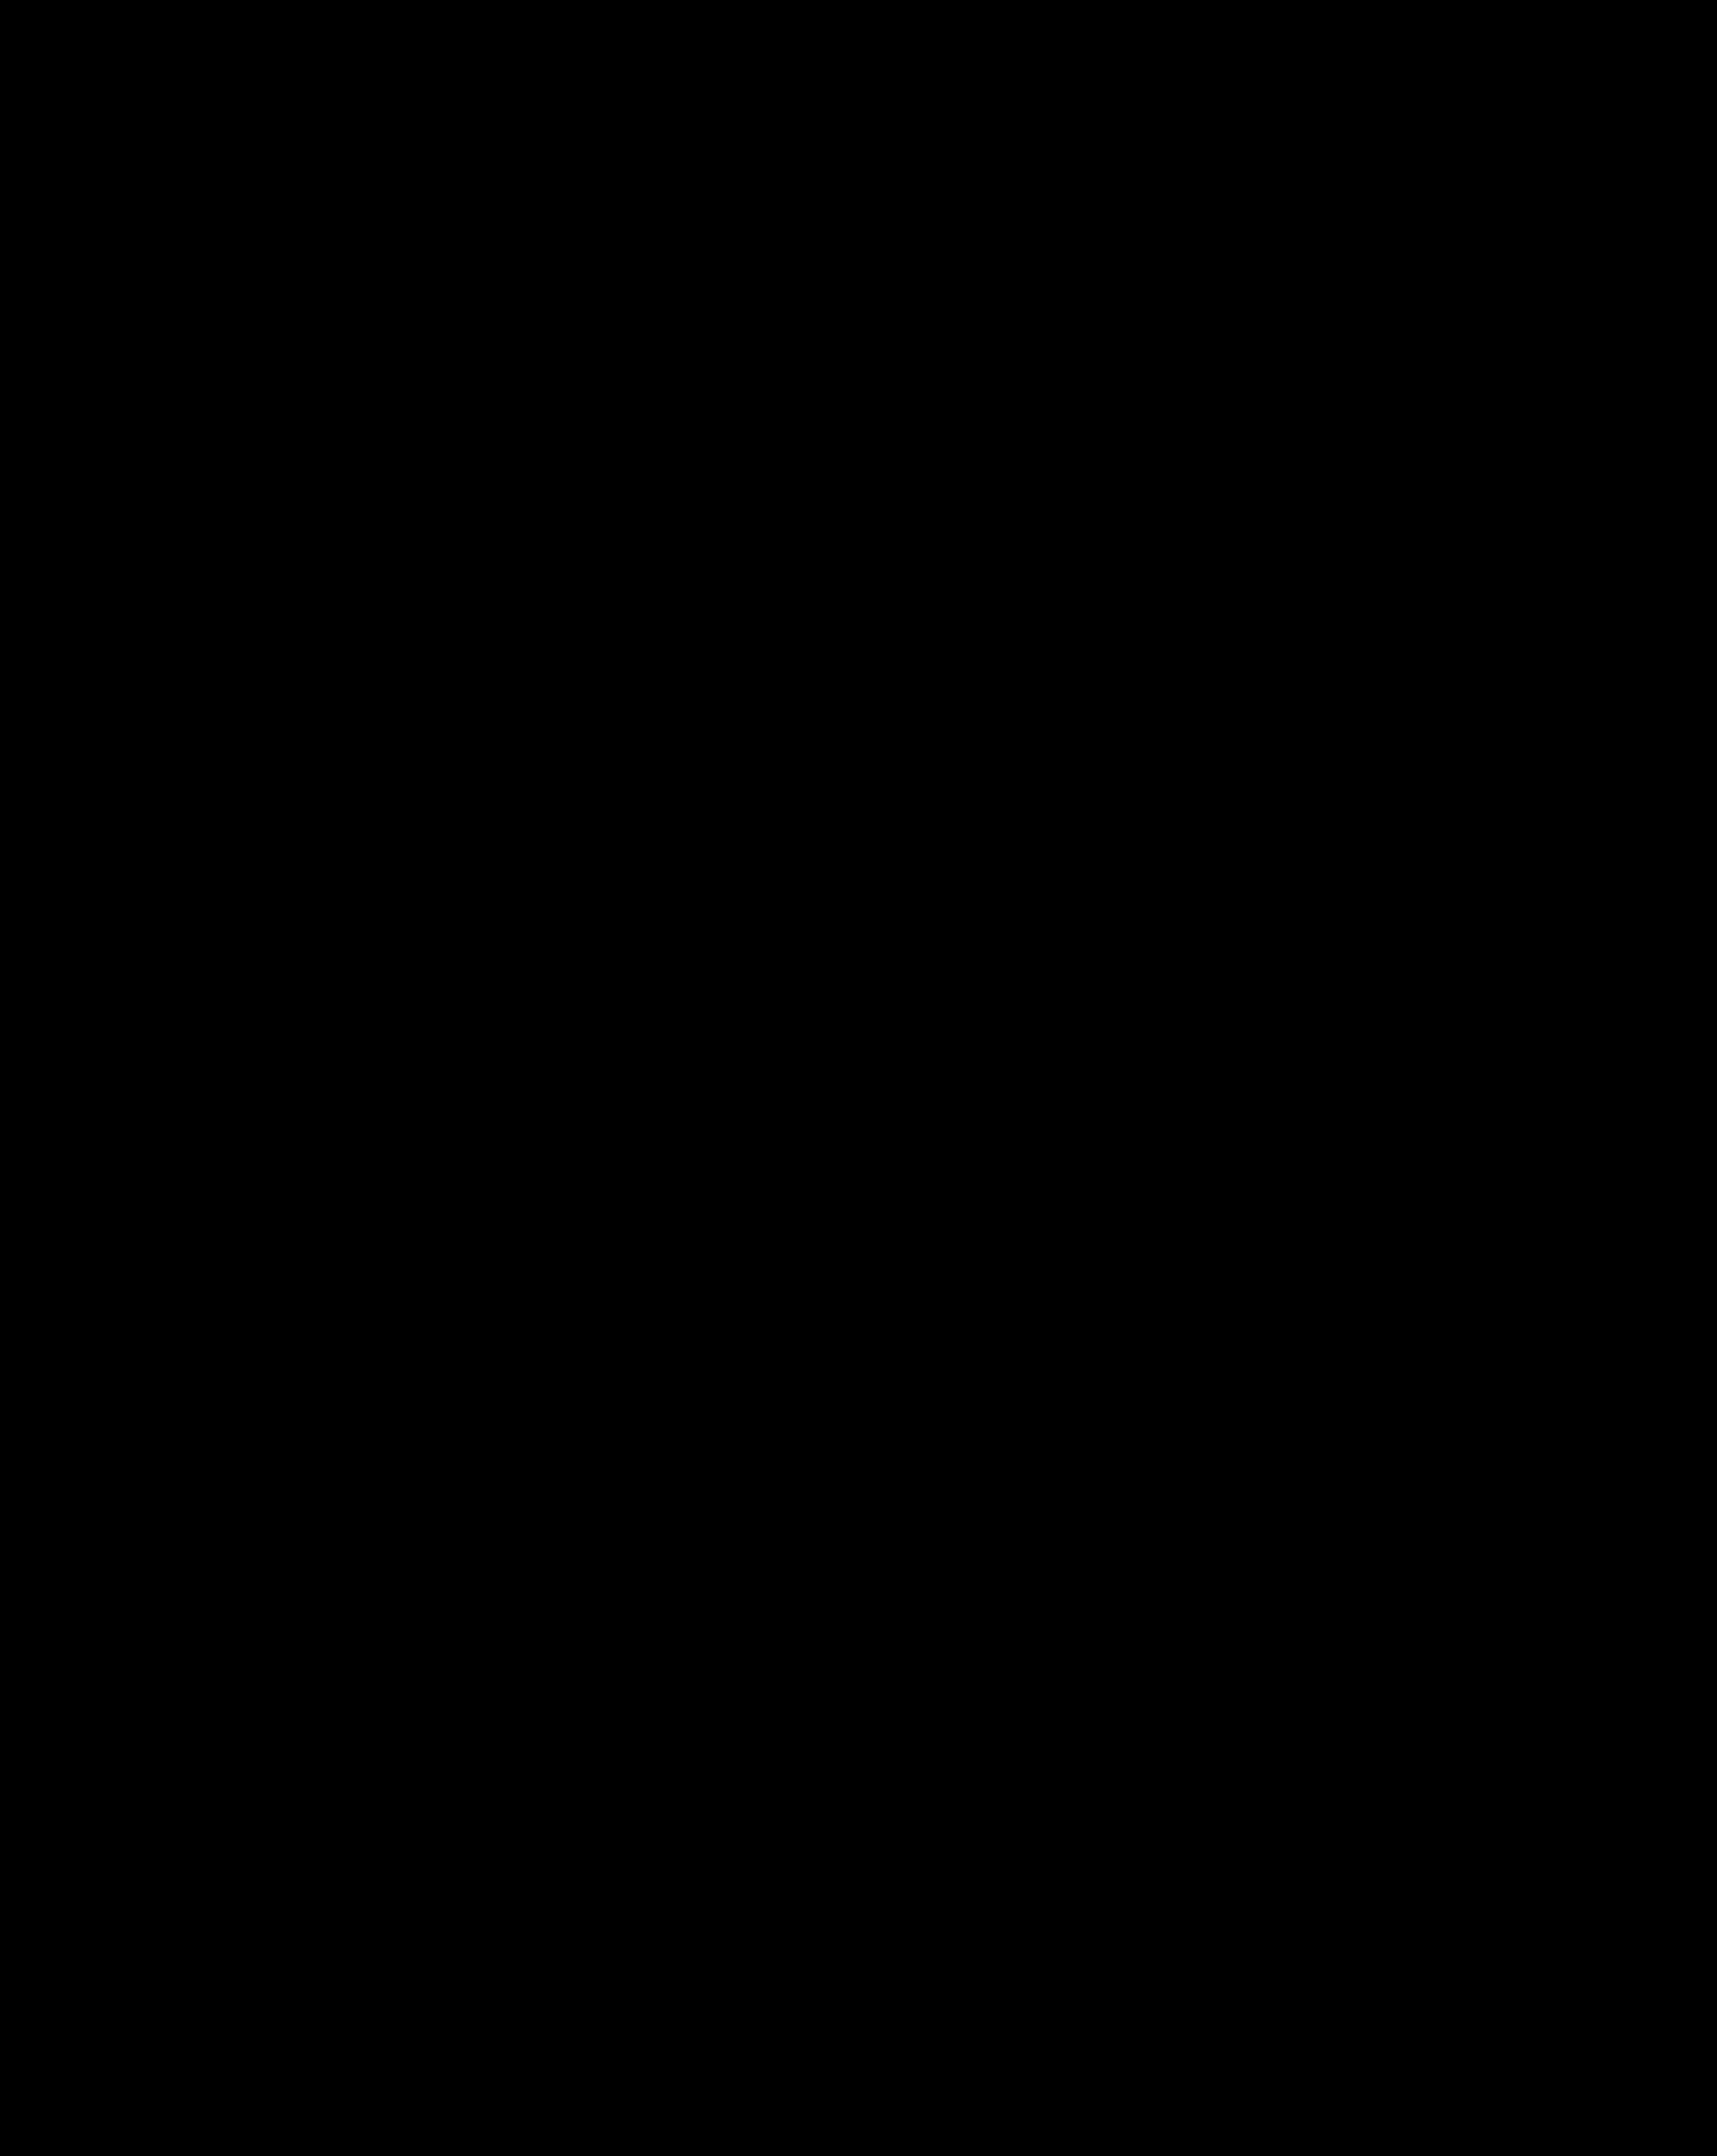 kart over norge no File:Gussefeldts kart over Norge   no nb krt 00804.   Wikimedia  kart over norge no